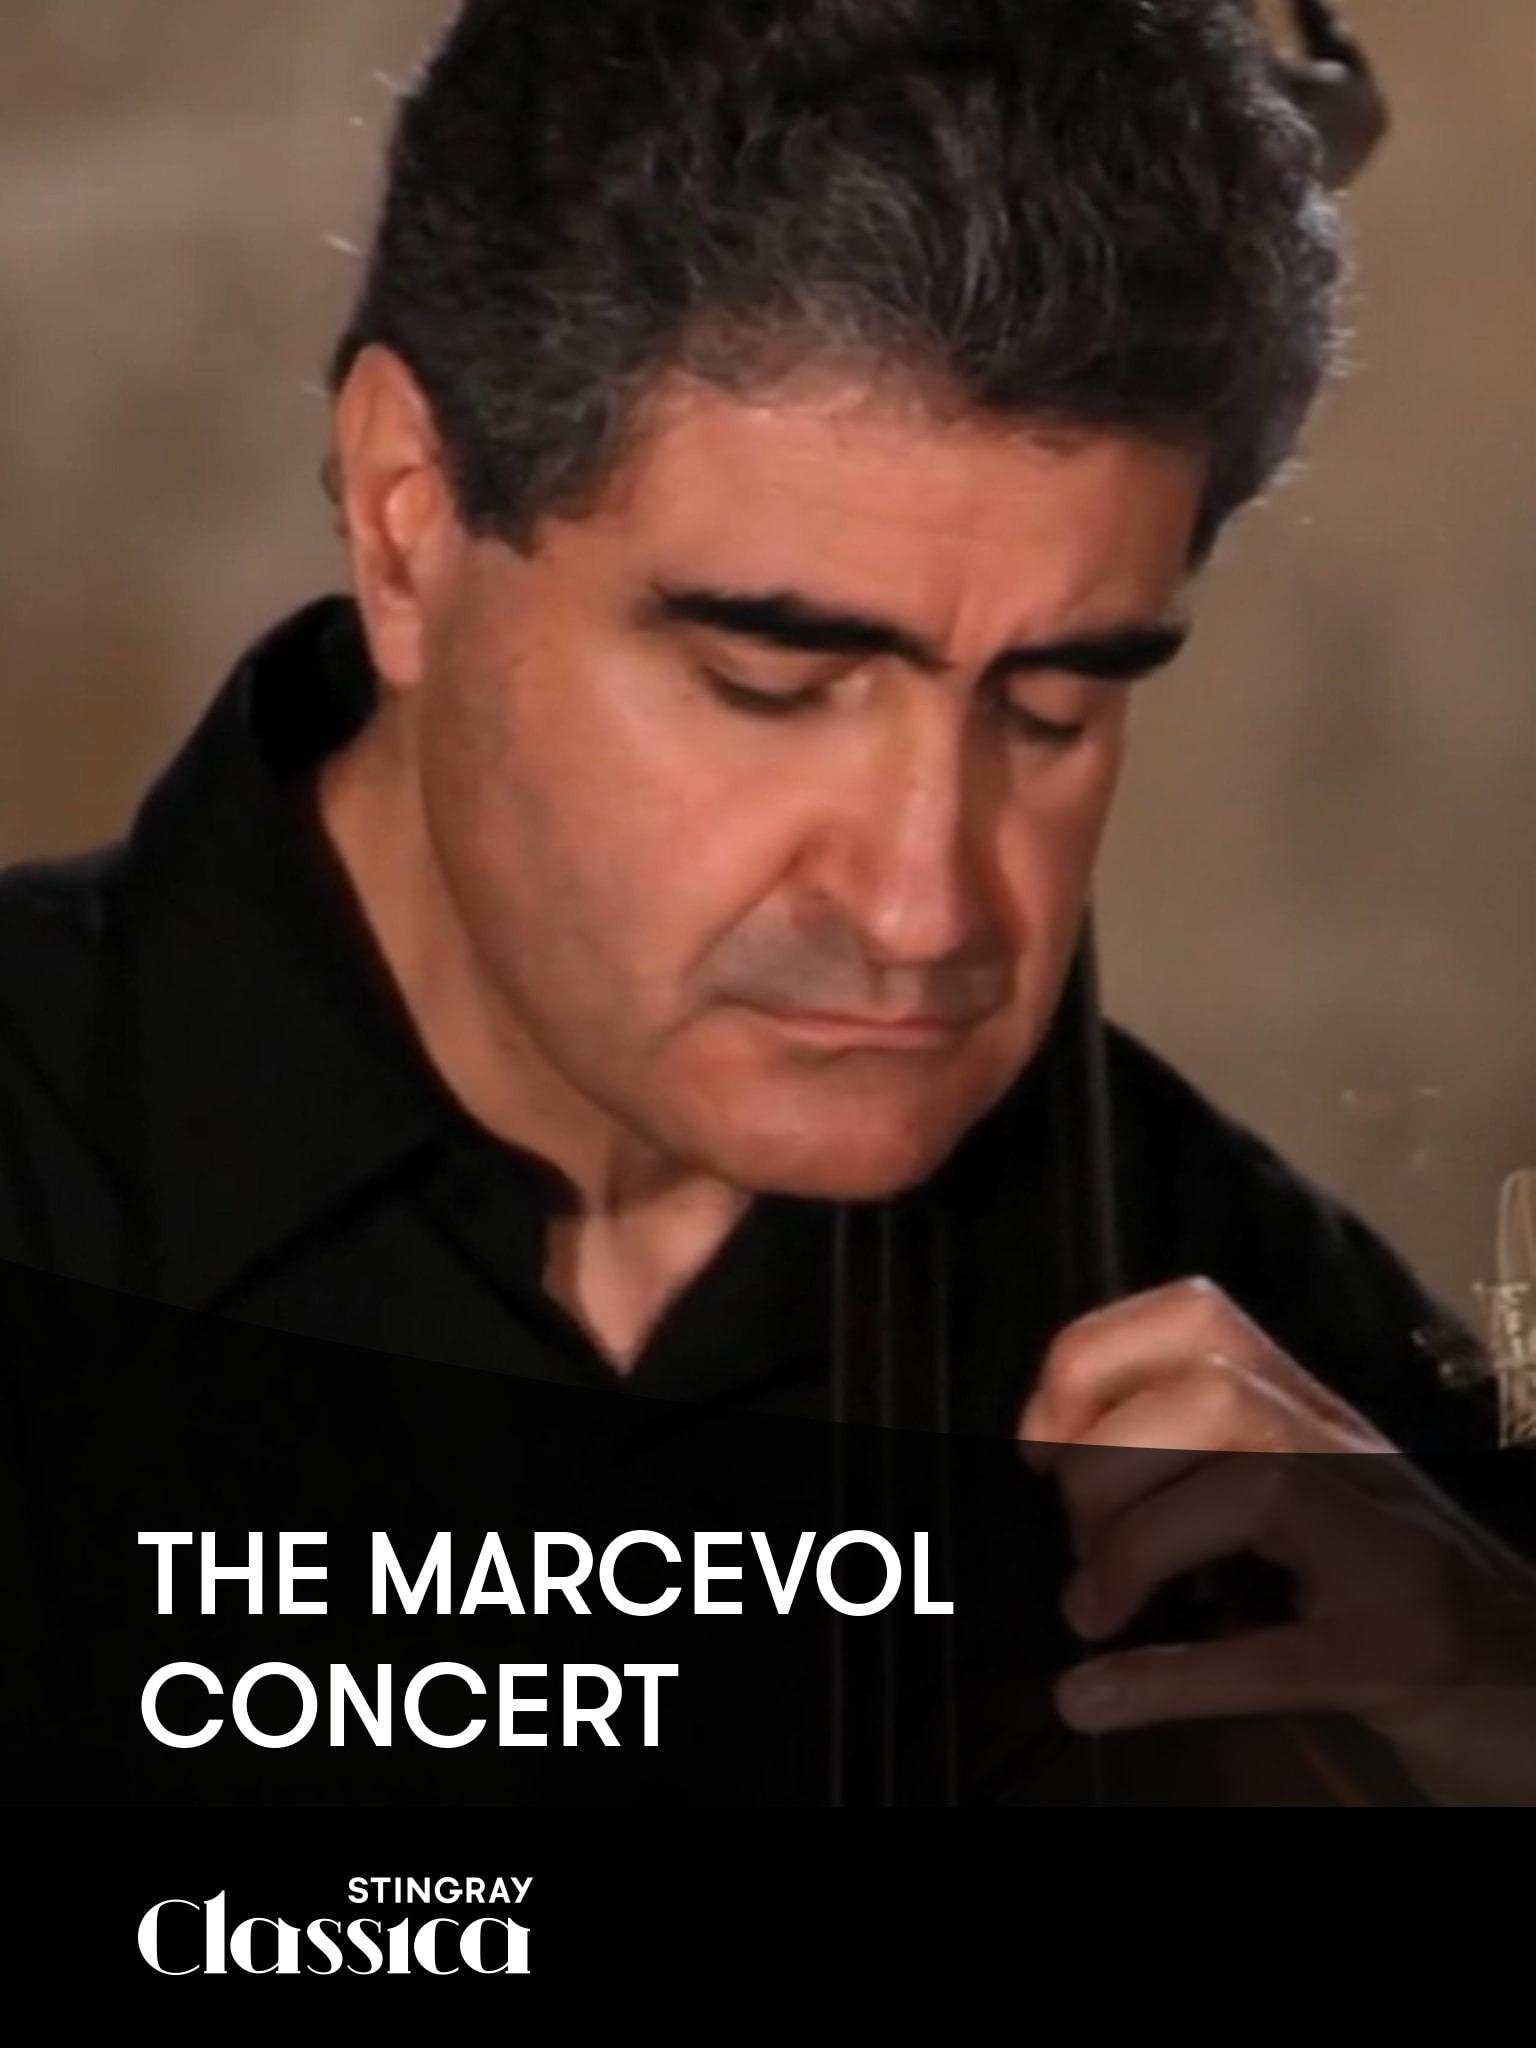 The Marcevol Concert